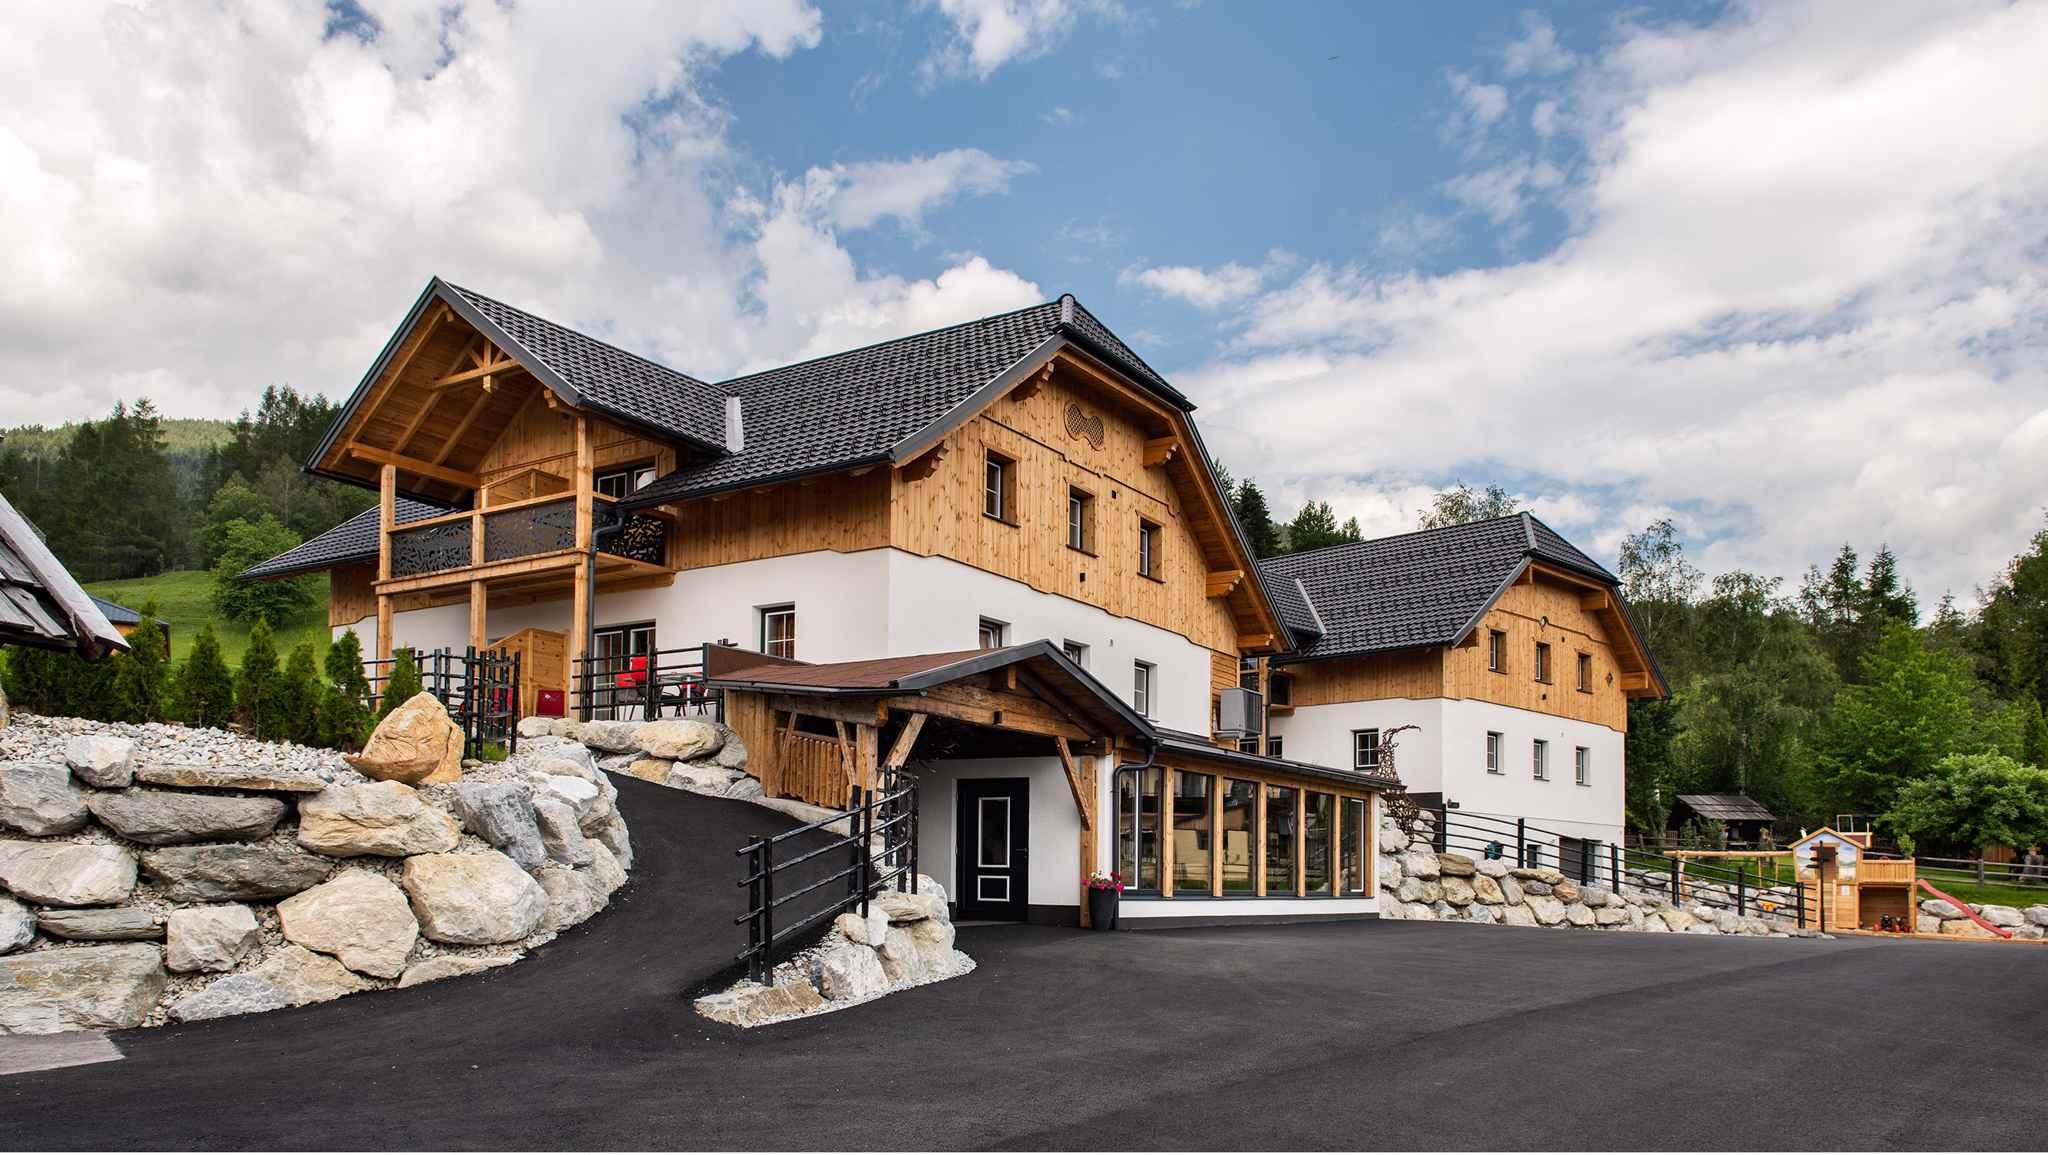 Ferienhaus im Feriendorf Edelweiss (2916176), Mariapfarr, Lungau, Salzburg, Österreich, Bild 21